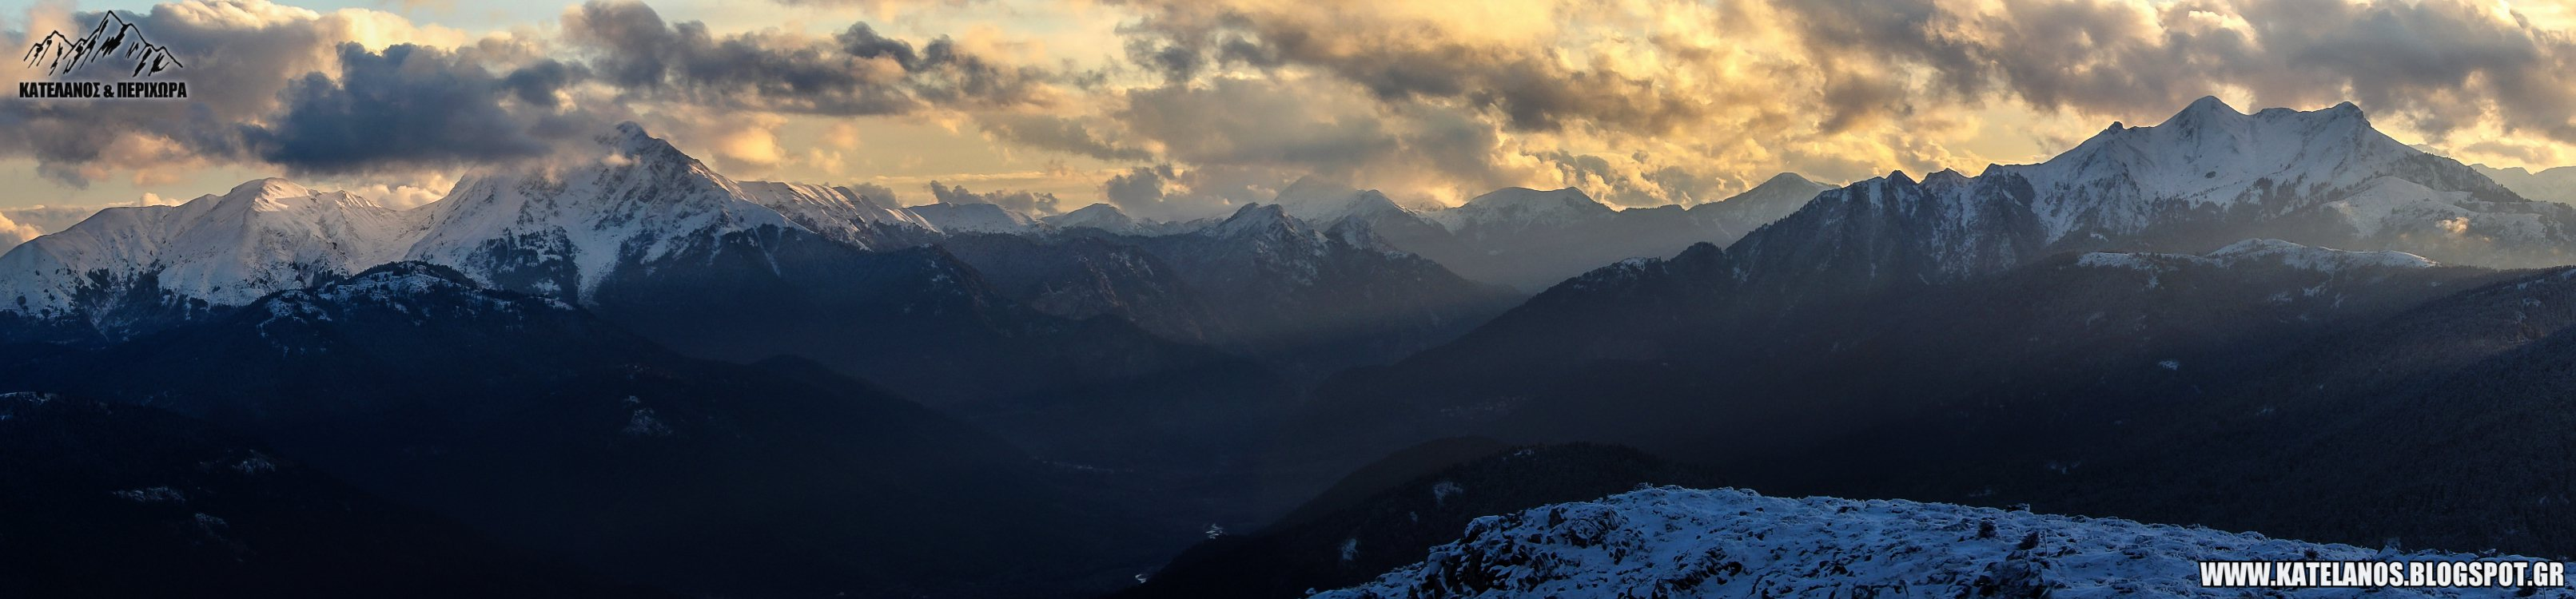 καλιακουδα χελιδονα βουνα ευρυτανιας πανοραμα